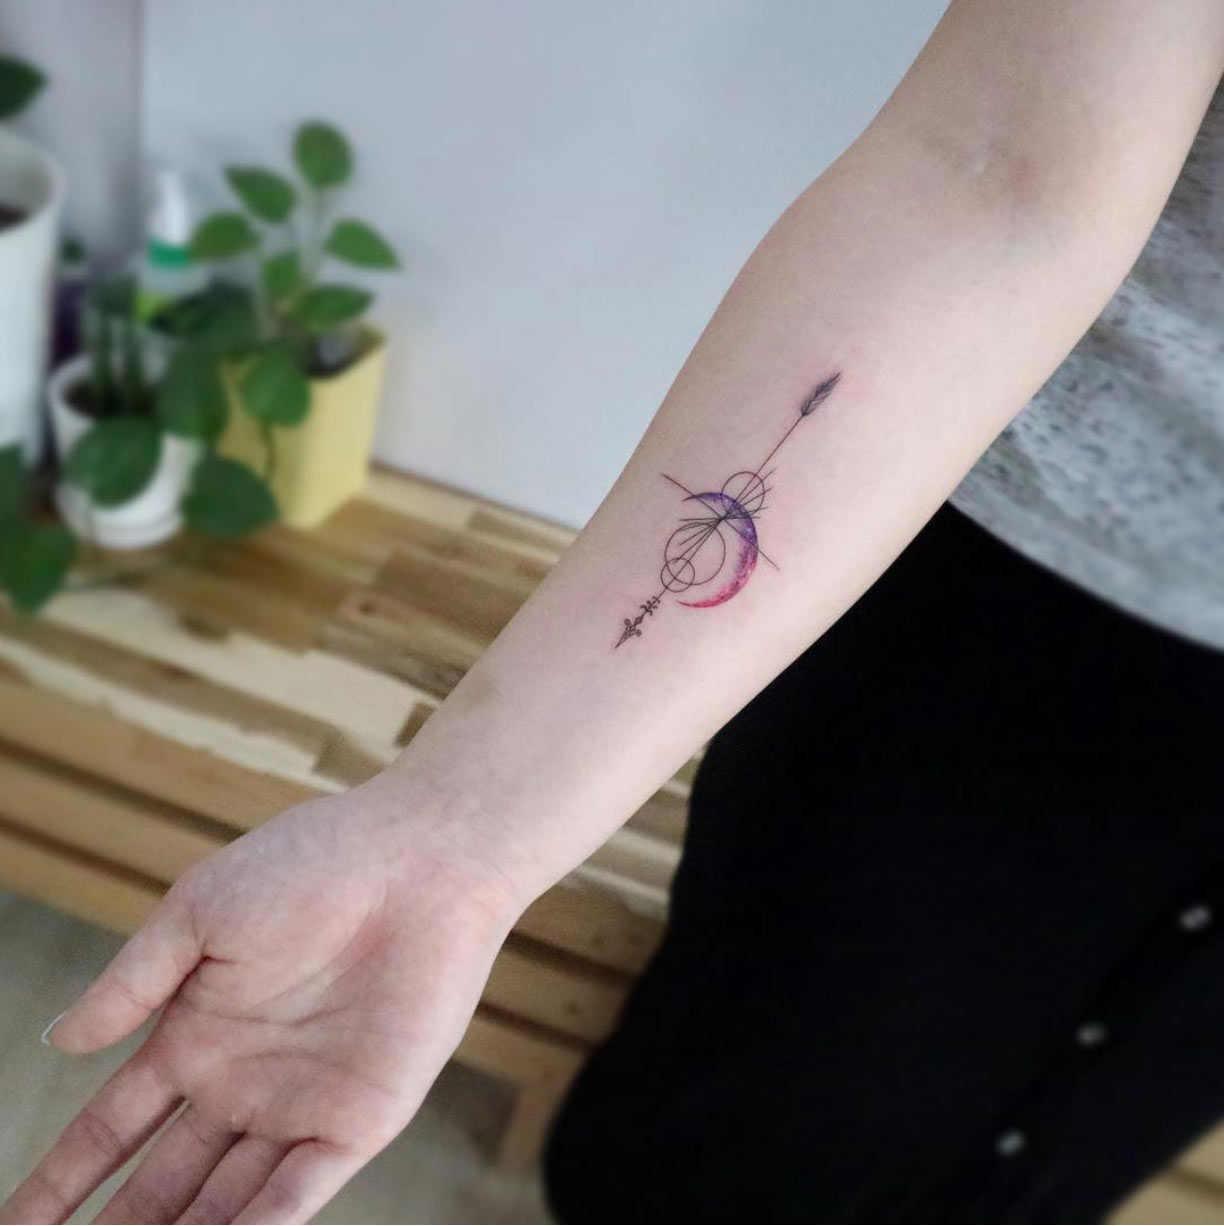 tatuaje pequeño lleno de detalles que lo hacen precioso